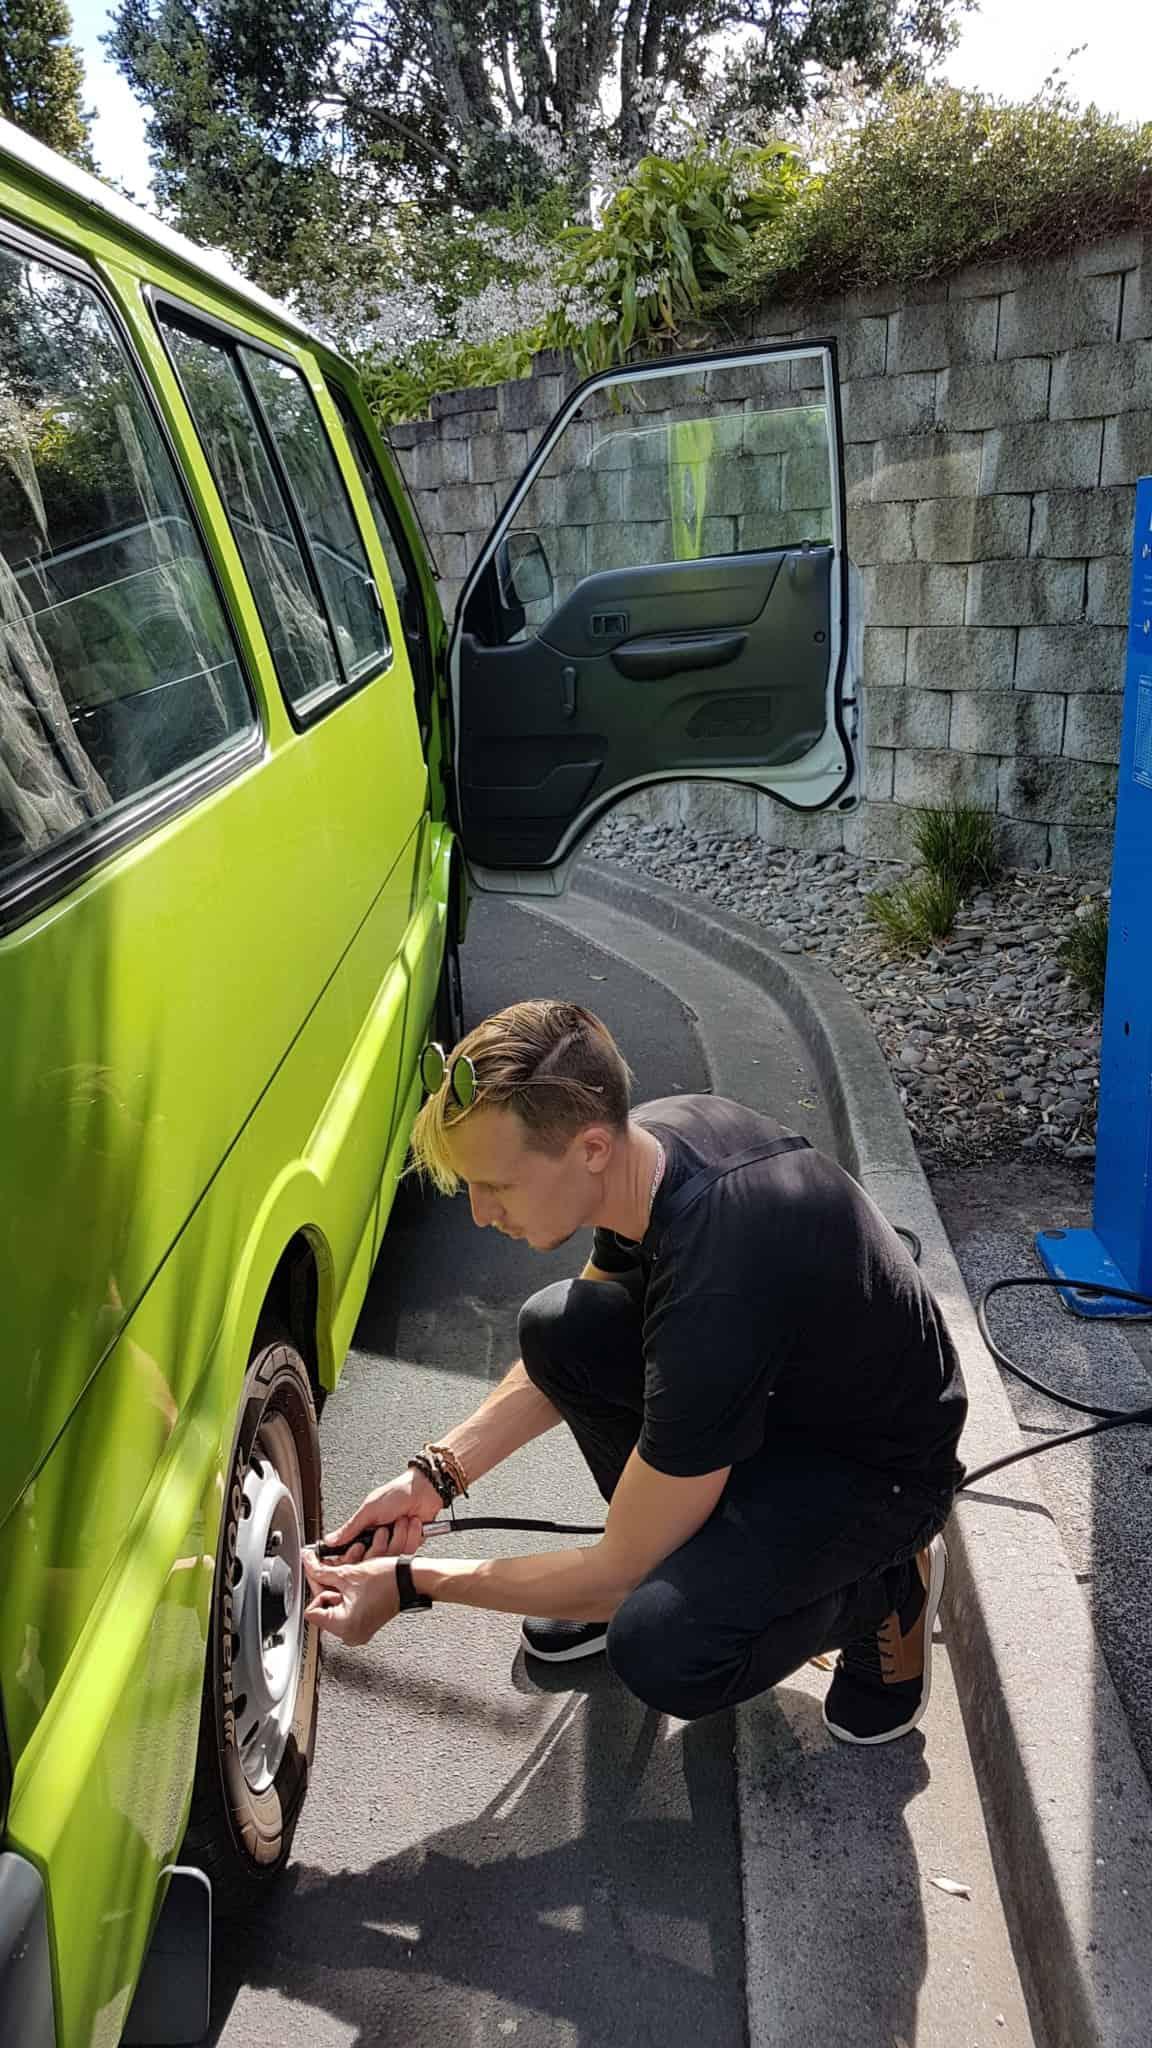 Nouvelle-Zélande, on récupère notre campervan 🚍 7